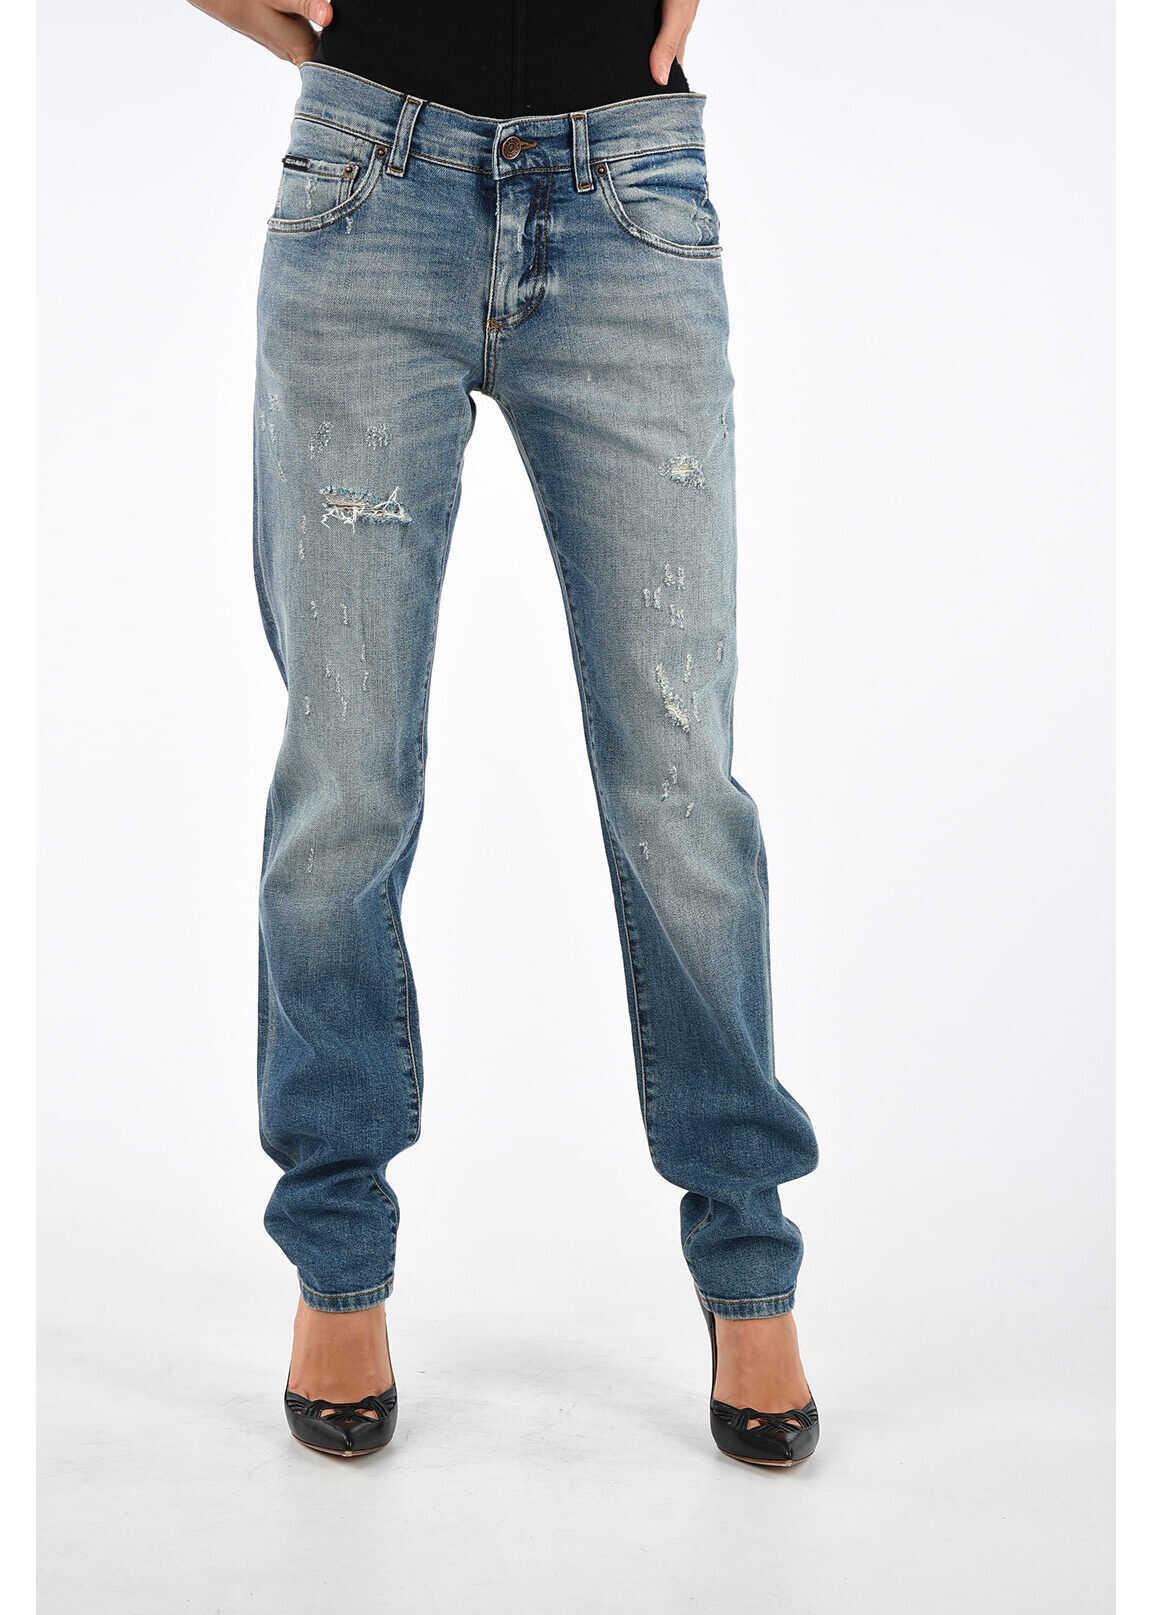 Dolce & Gabbana 15,5cm Denim Stretch Distressed CLASSIC Jeans BLUE